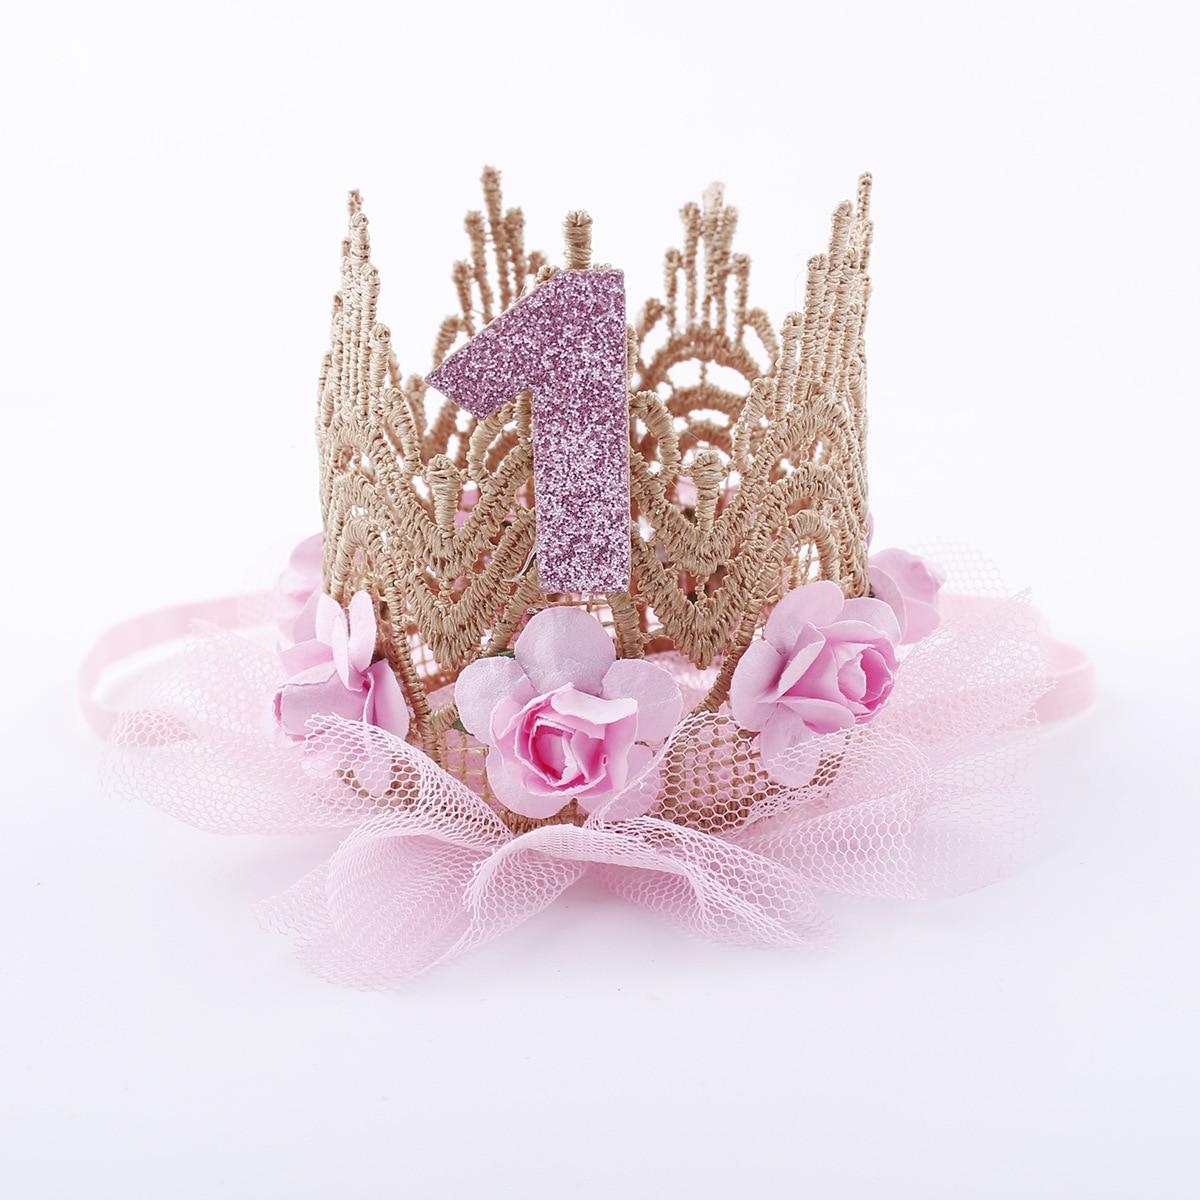 Tiaras de cumpleaños para niñas pequeñas recién nacidas, diadema de princesa de encaje con flores, bonitos regalos de cumpleaños para niñas